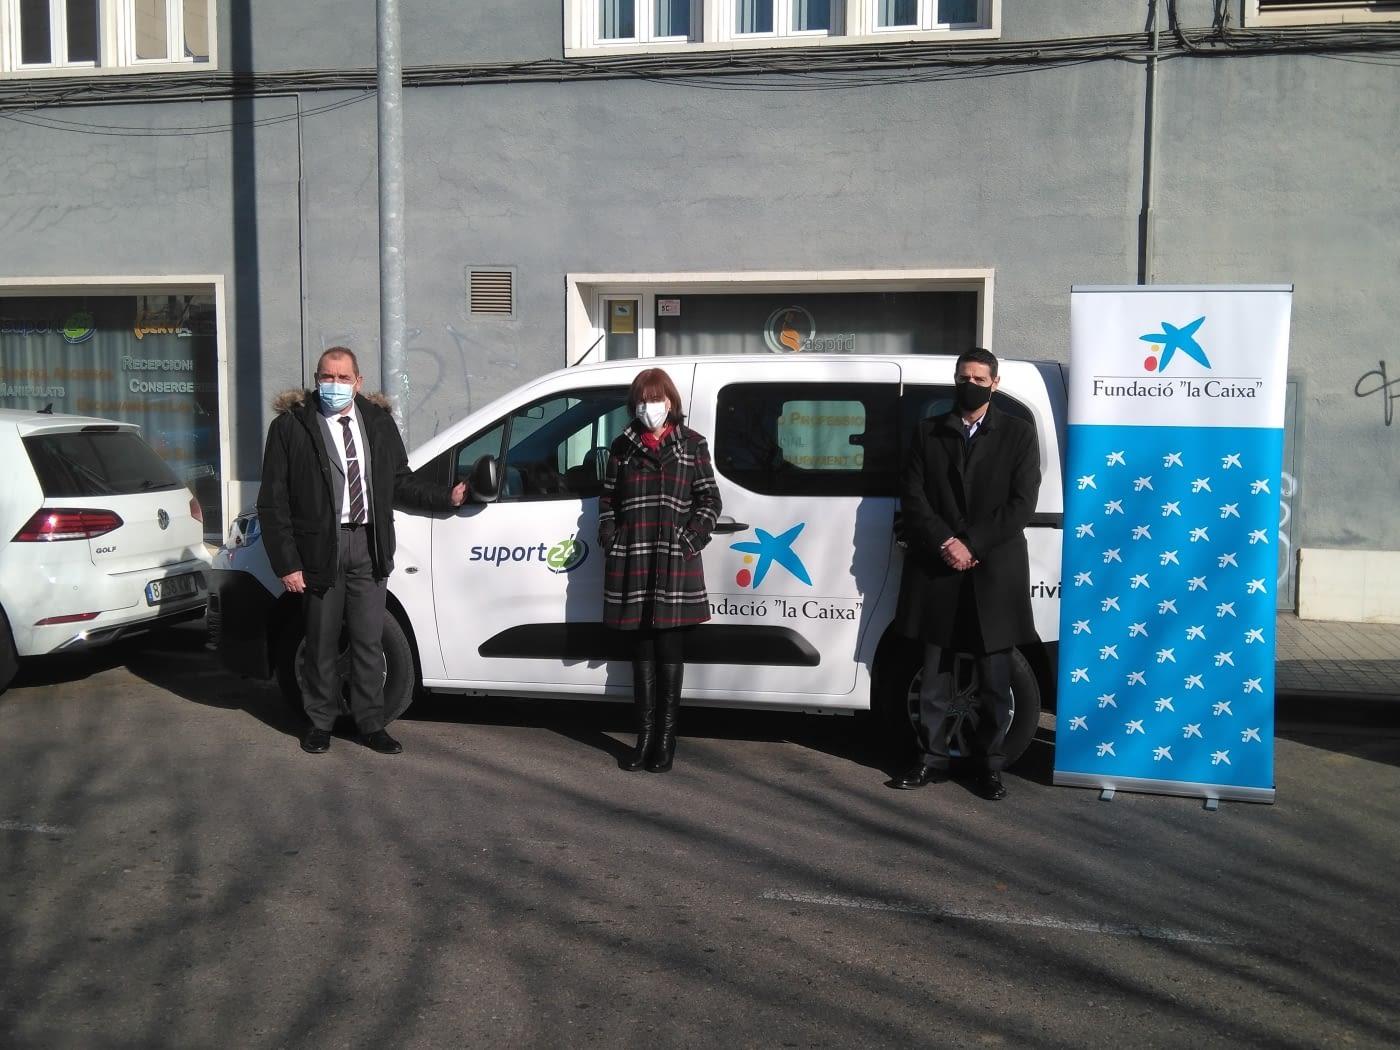 """Aspid rep donació d'un nou vehicle per als seus projectes solidaris gràcies a la col·laboració de Fundació """"la Caixa"""" i el concessionari Drivim"""